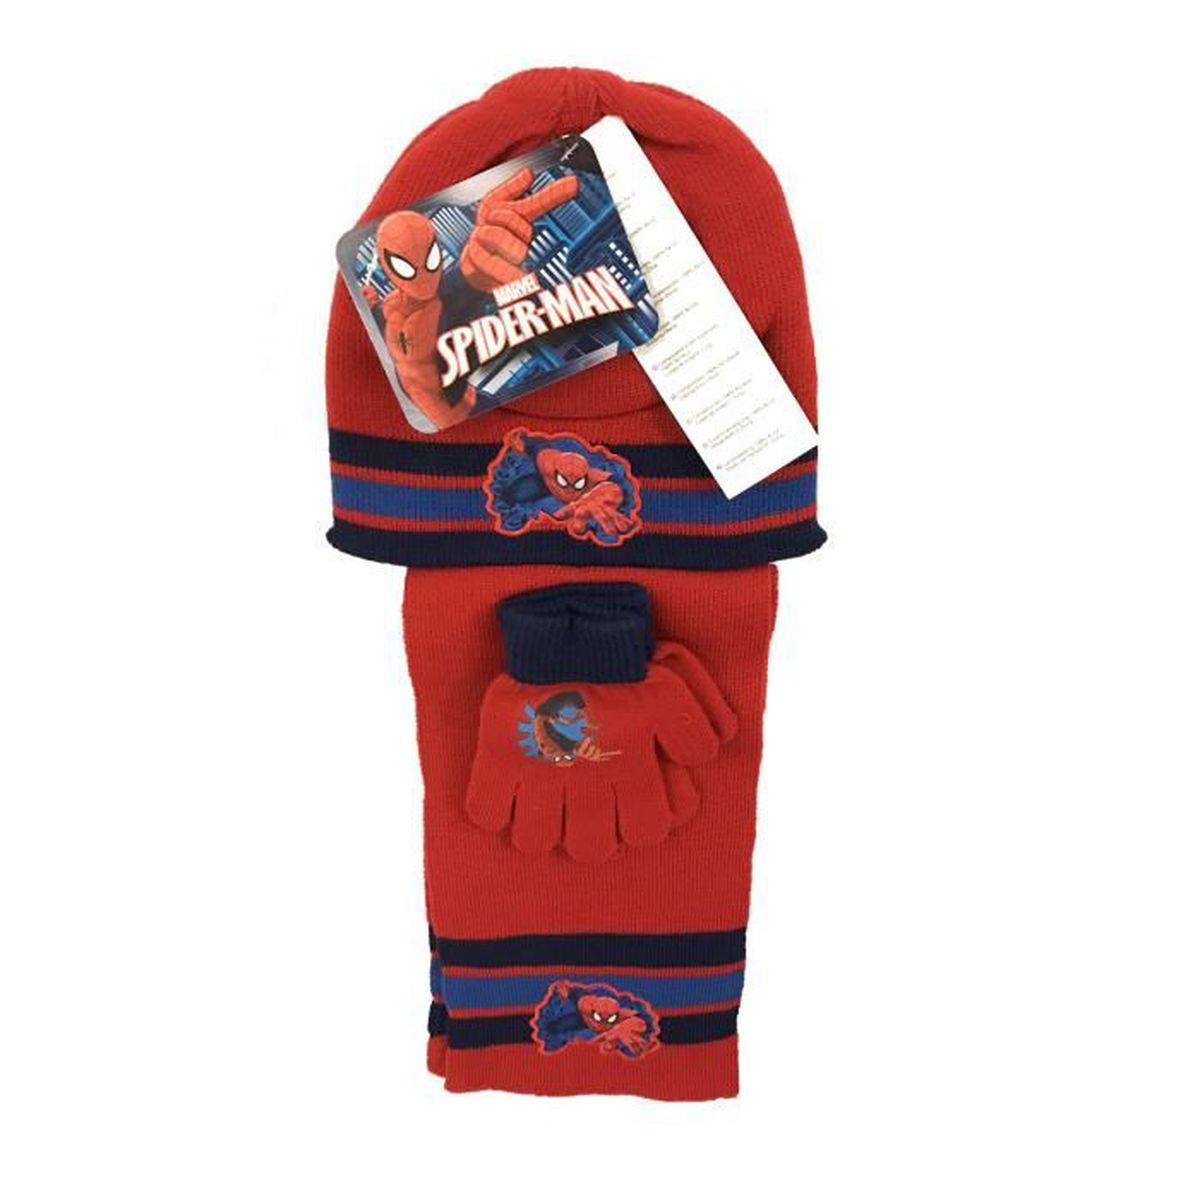 Spiderman Ensemble Echarpe Bonnet gants garcon - Rouge Rouge - Achat ... 95d54f48e65